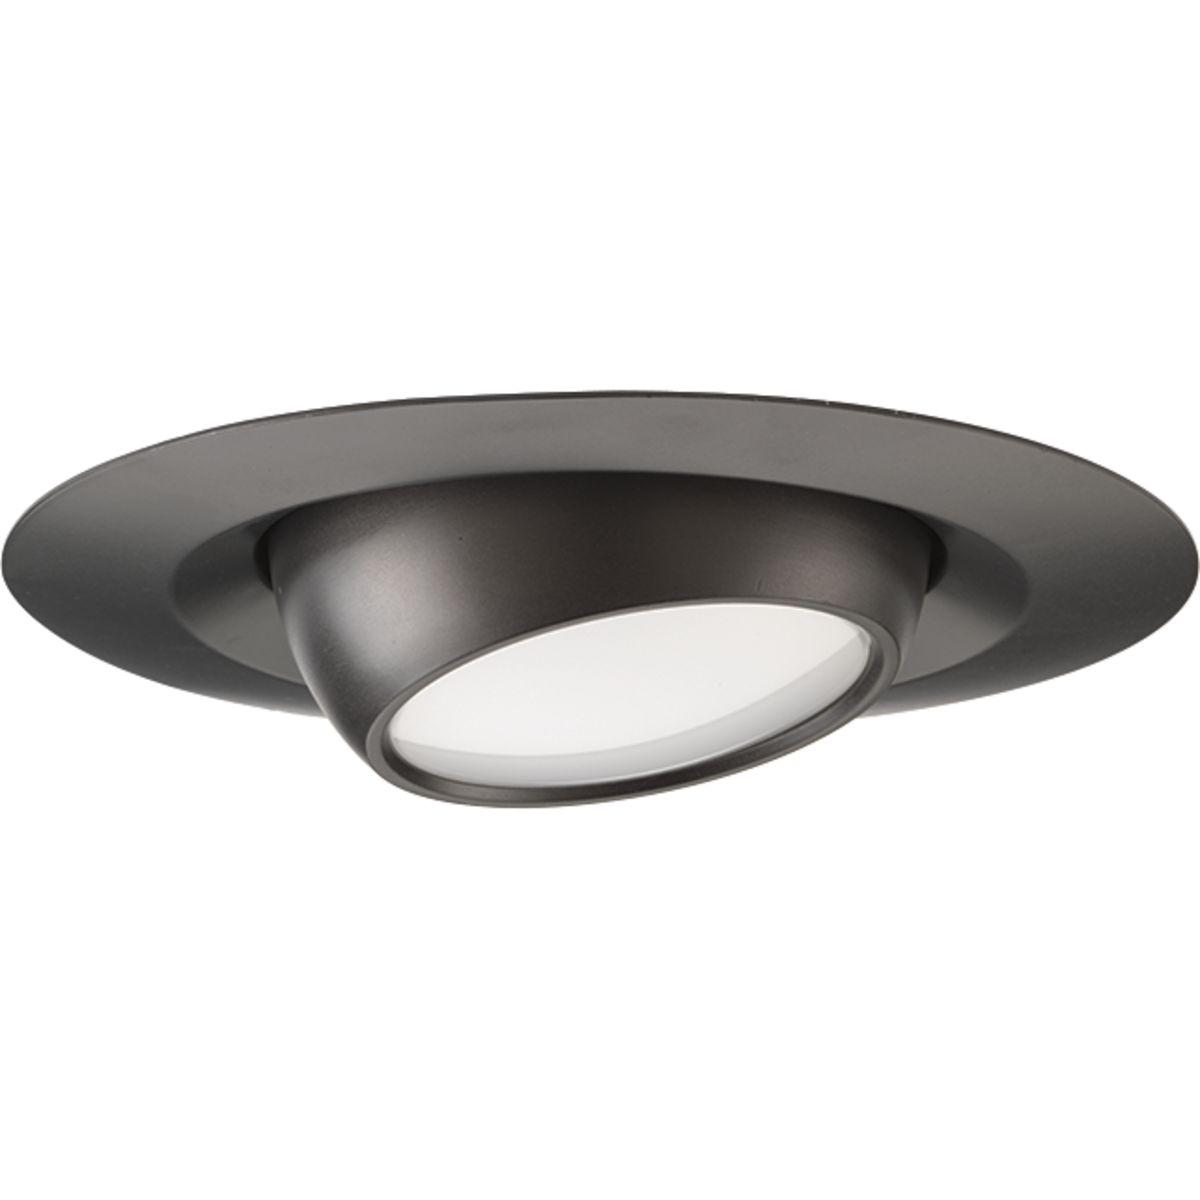 P8046-31-30K PROGRESS 4IN LED EYEBALL TRIM BLACK